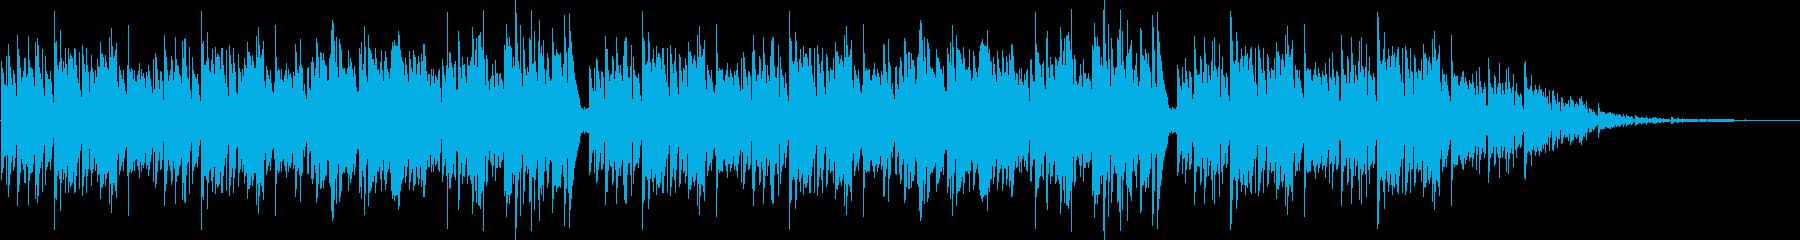 アコギでのボサノヴァ系BGMの再生済みの波形